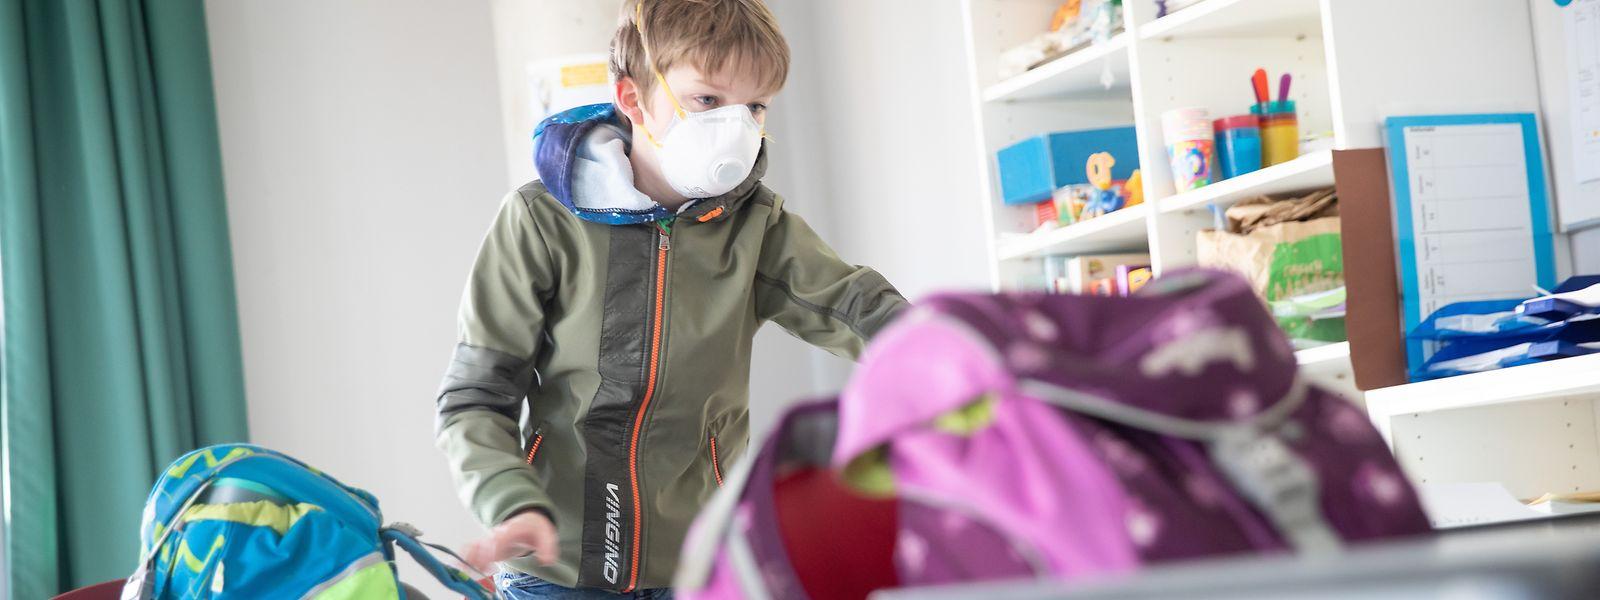 Der Infektionsverlauf bei Kindern ist eher milde.